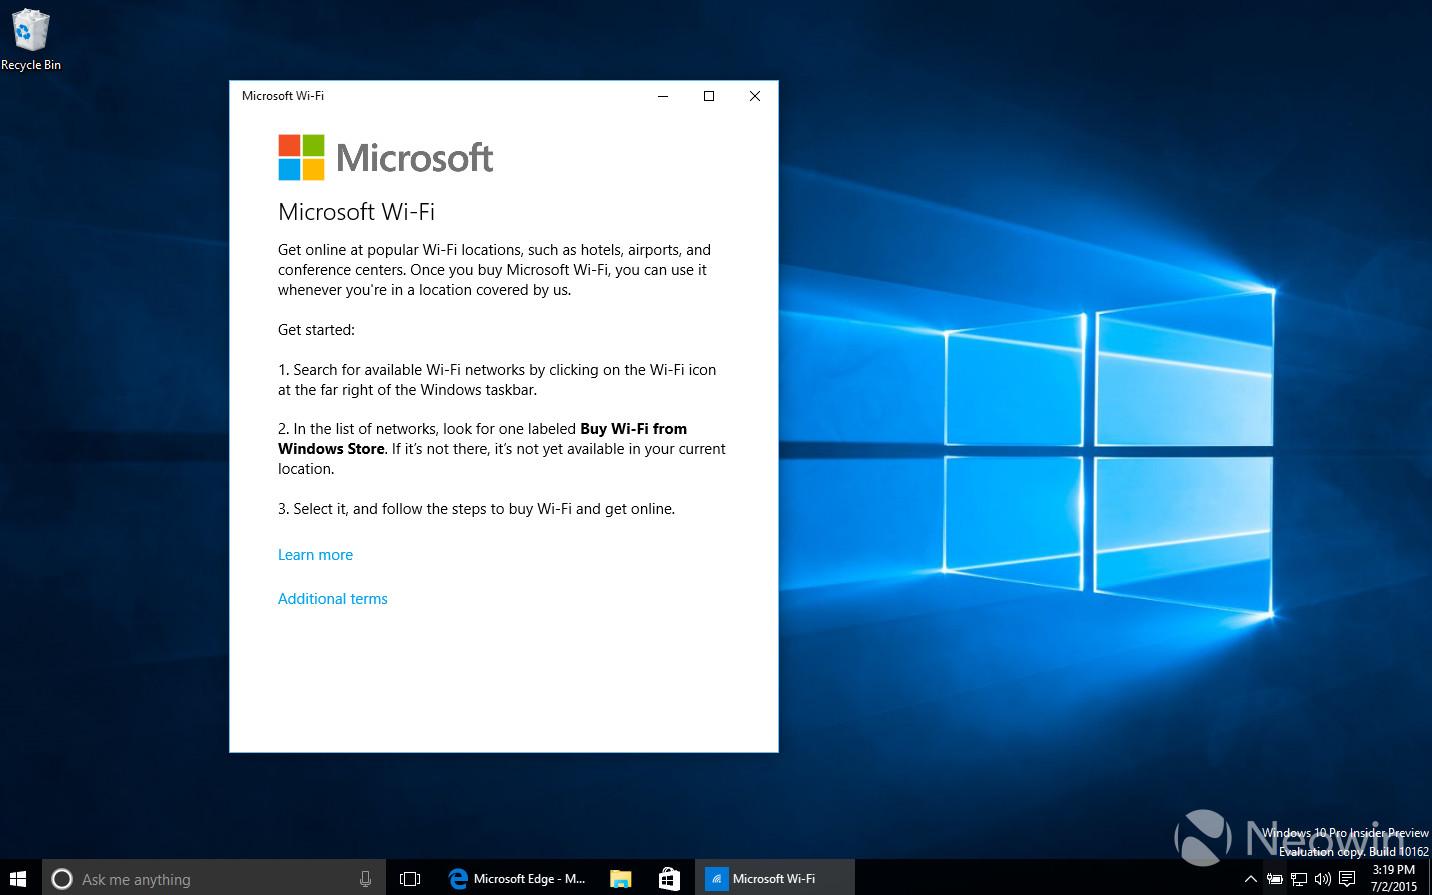 Windows 10 10162